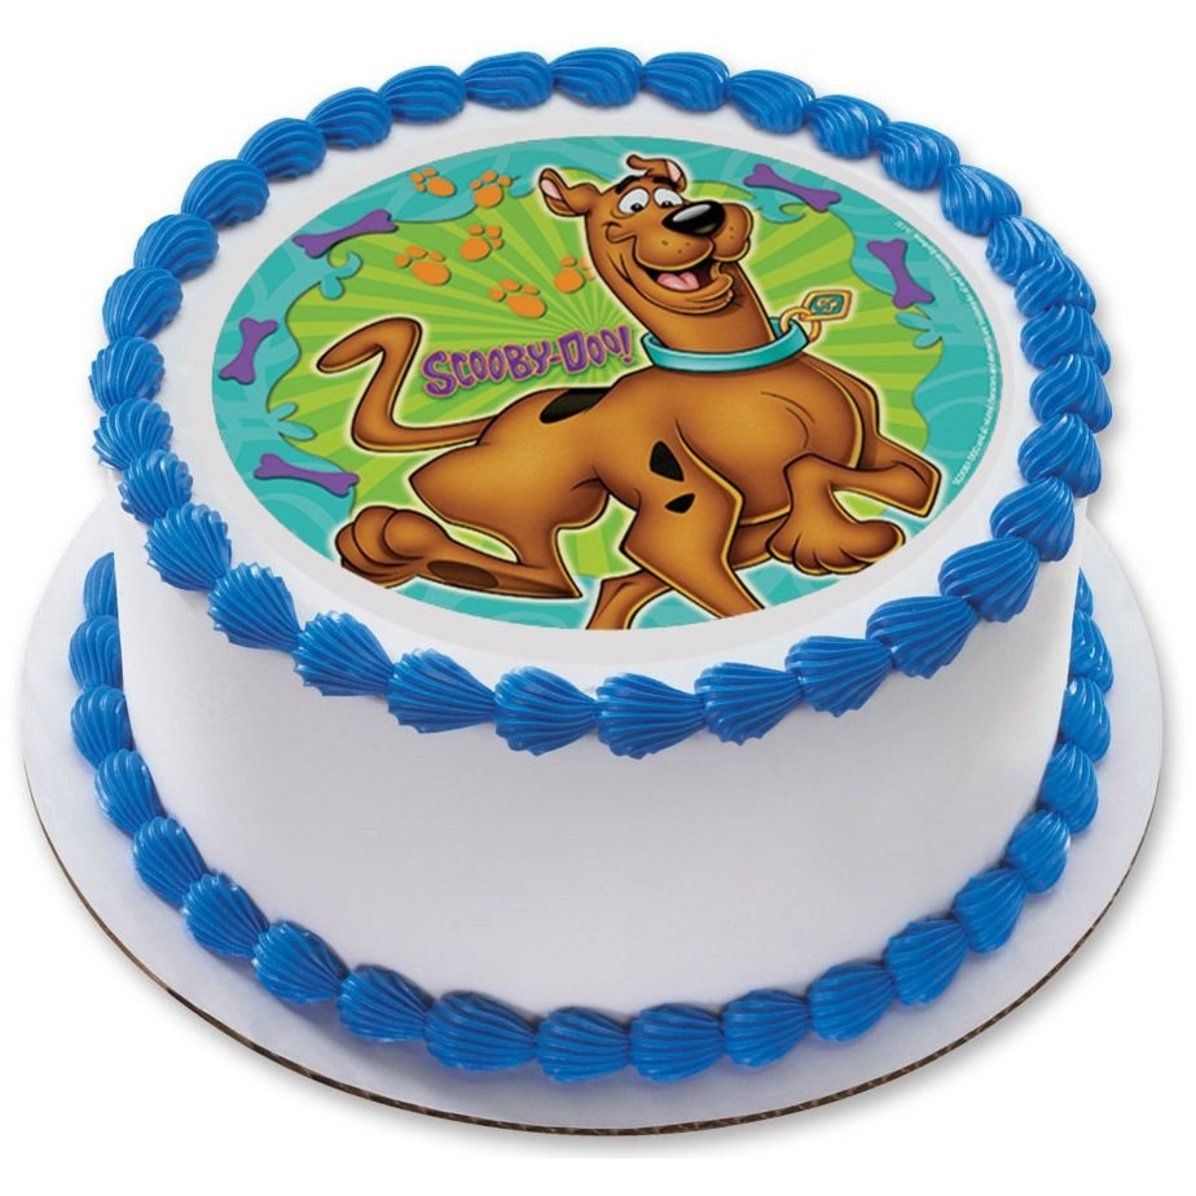 Scooby doo 75 round edible cake topper each edible